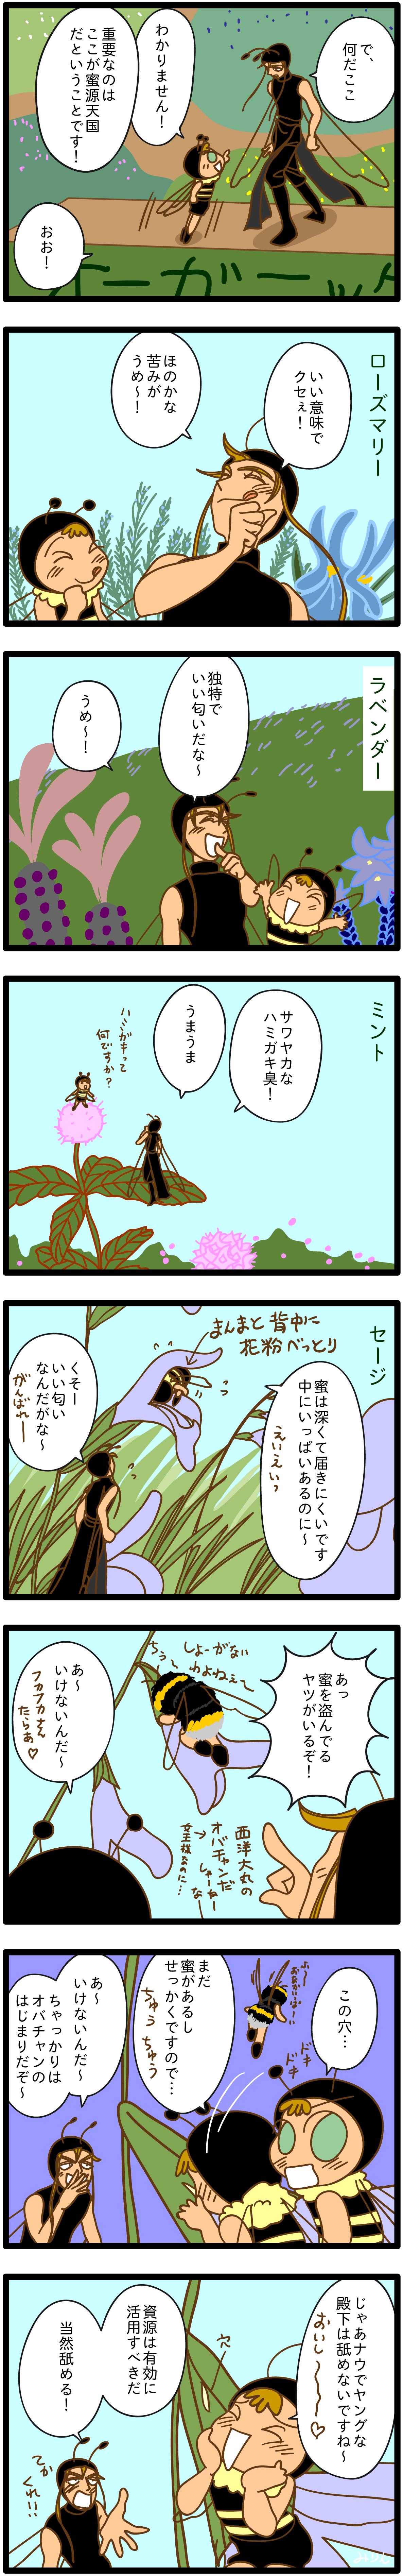 104. ハーブ天国(2)